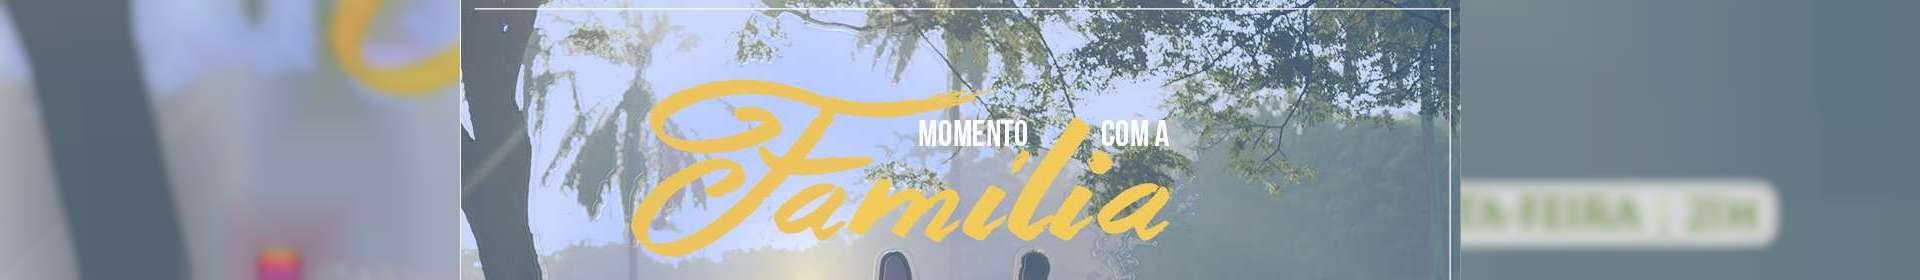 Momento com a Família - 20/09/2019